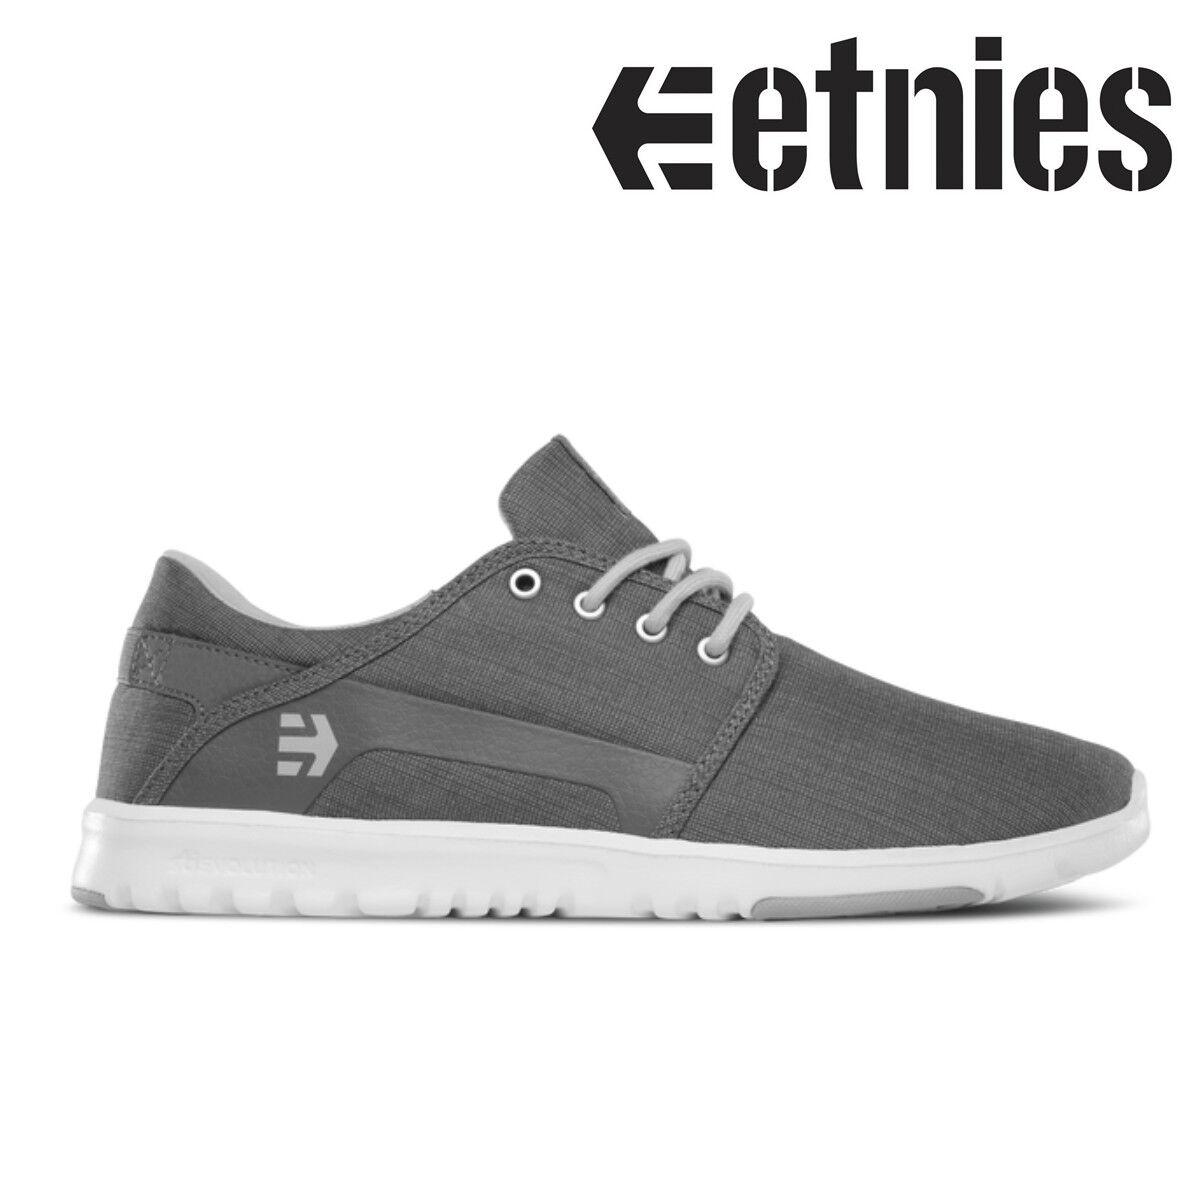 Etnies Scout Skateboard Turnschuhe - - Turnschuhe Dunkelgrau/Heather 1a9424